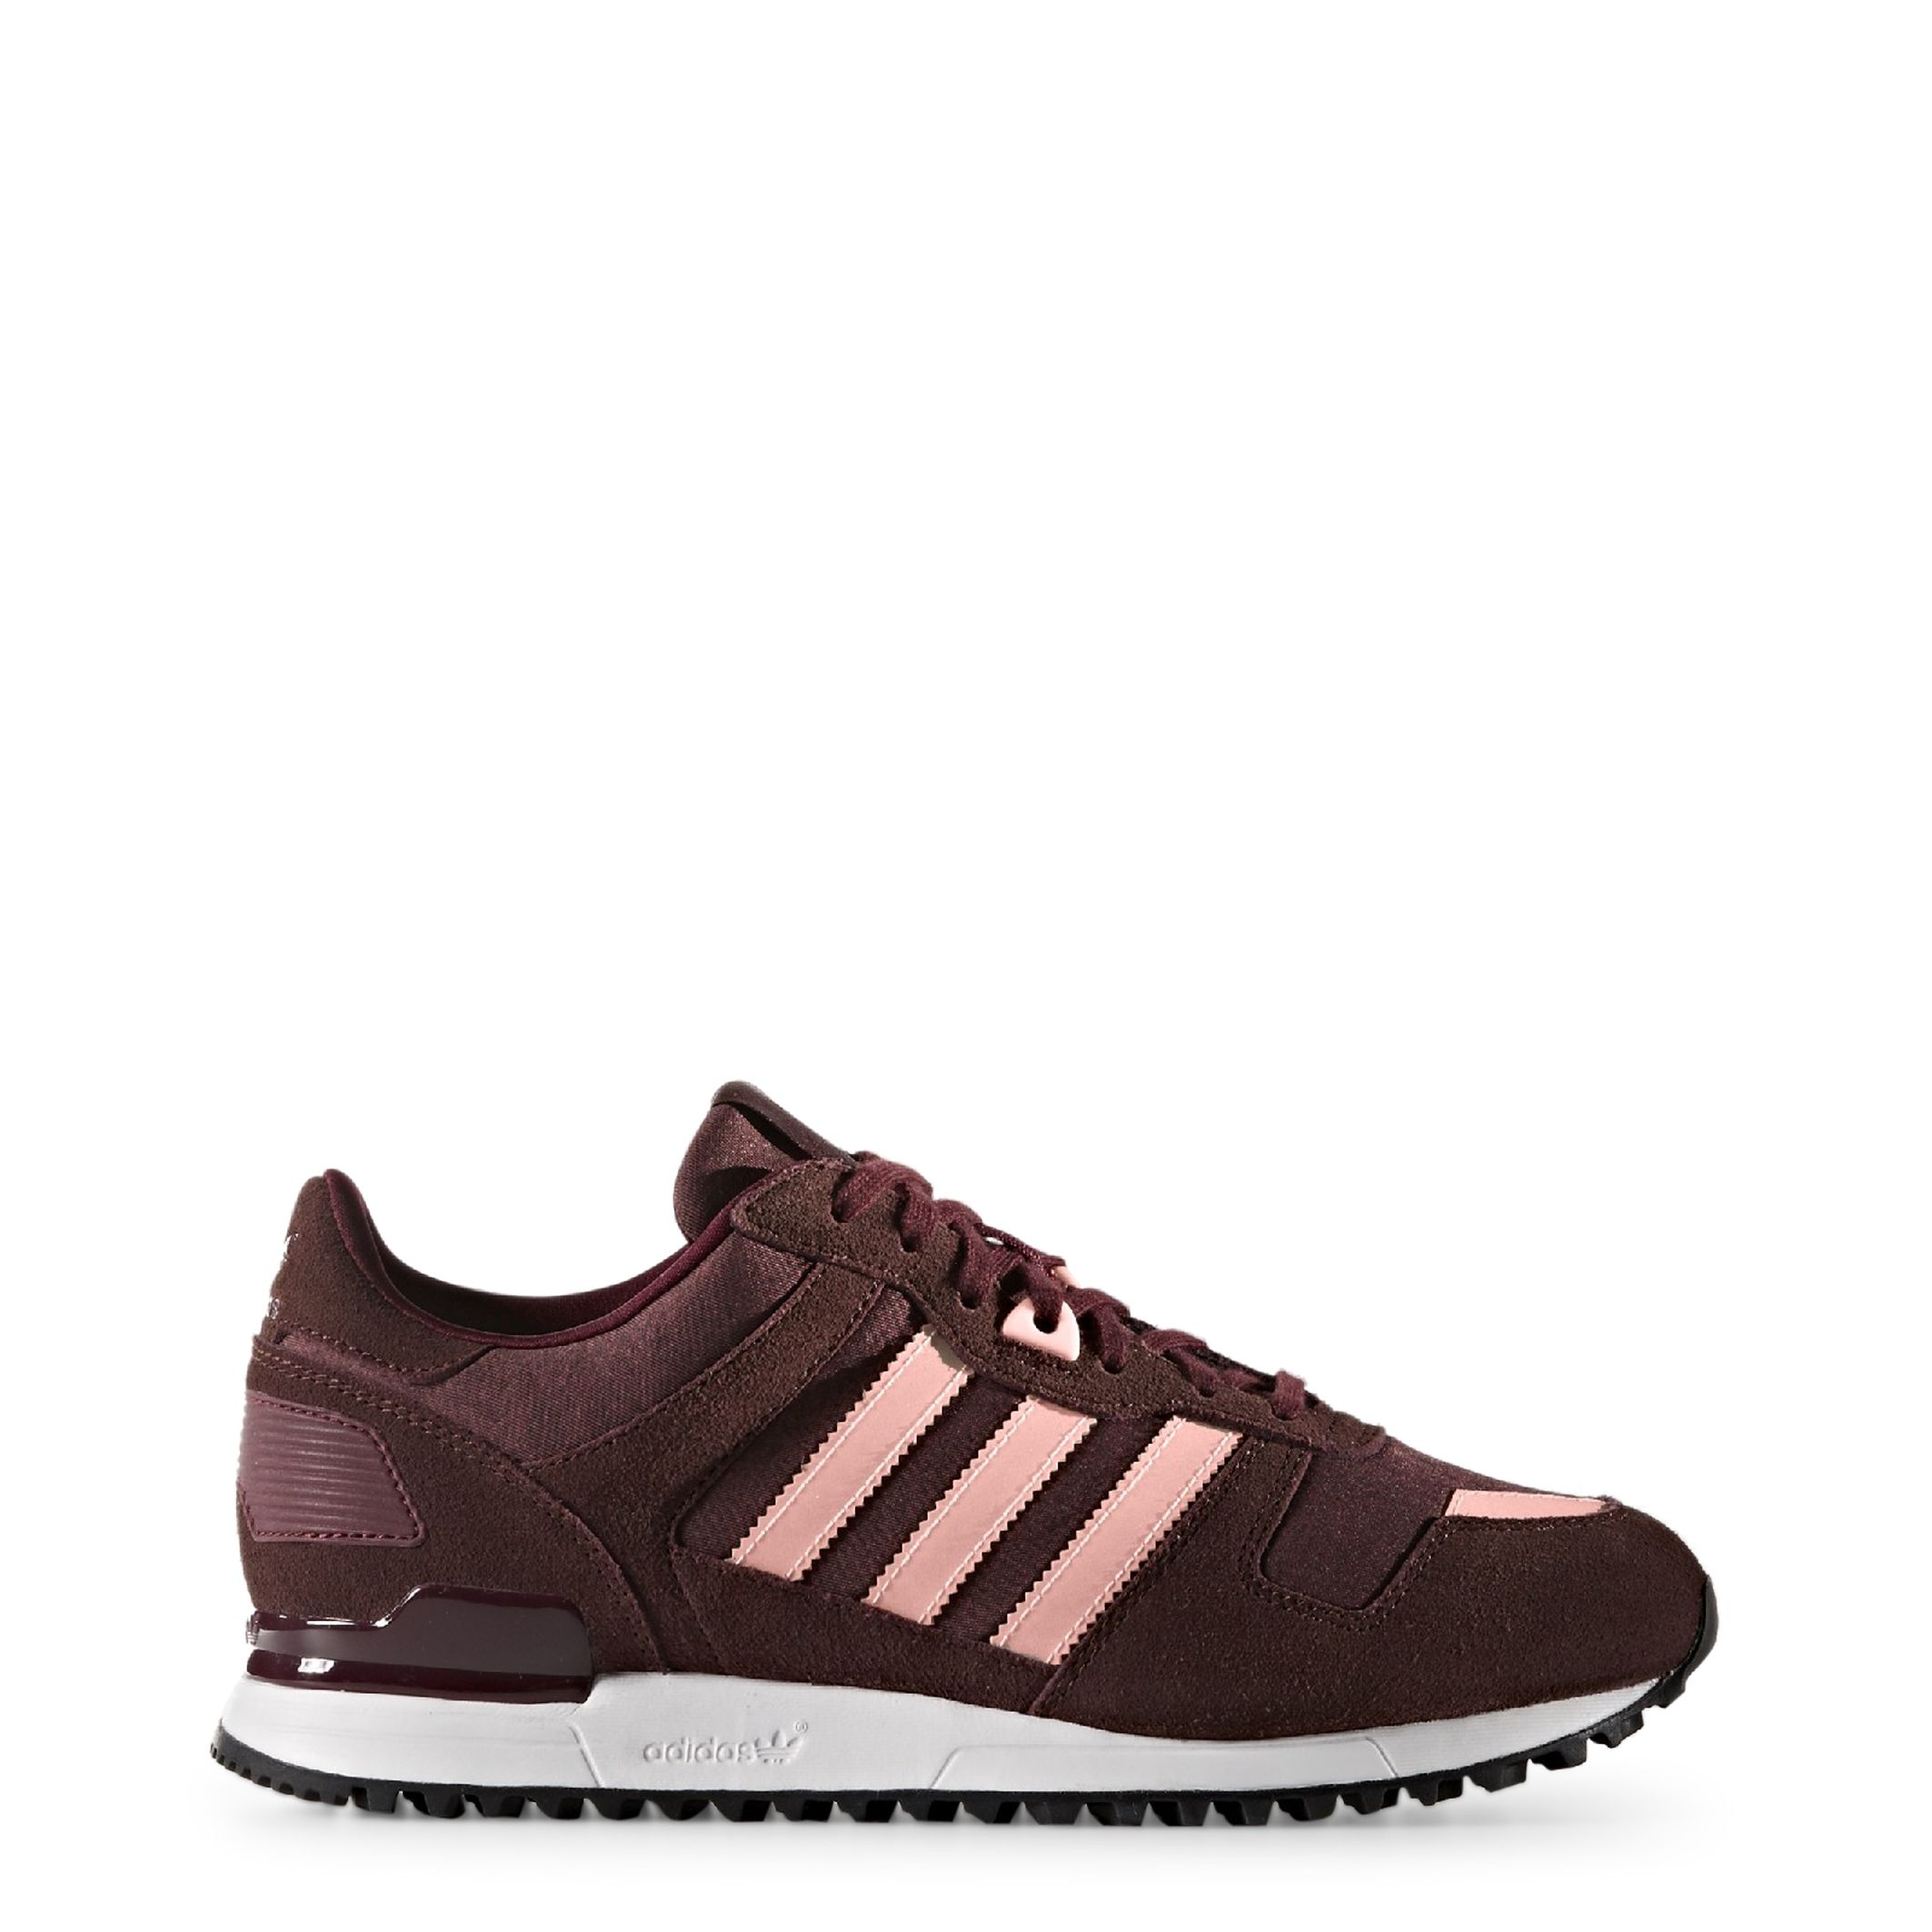 adidas mujer rojas zapatillas